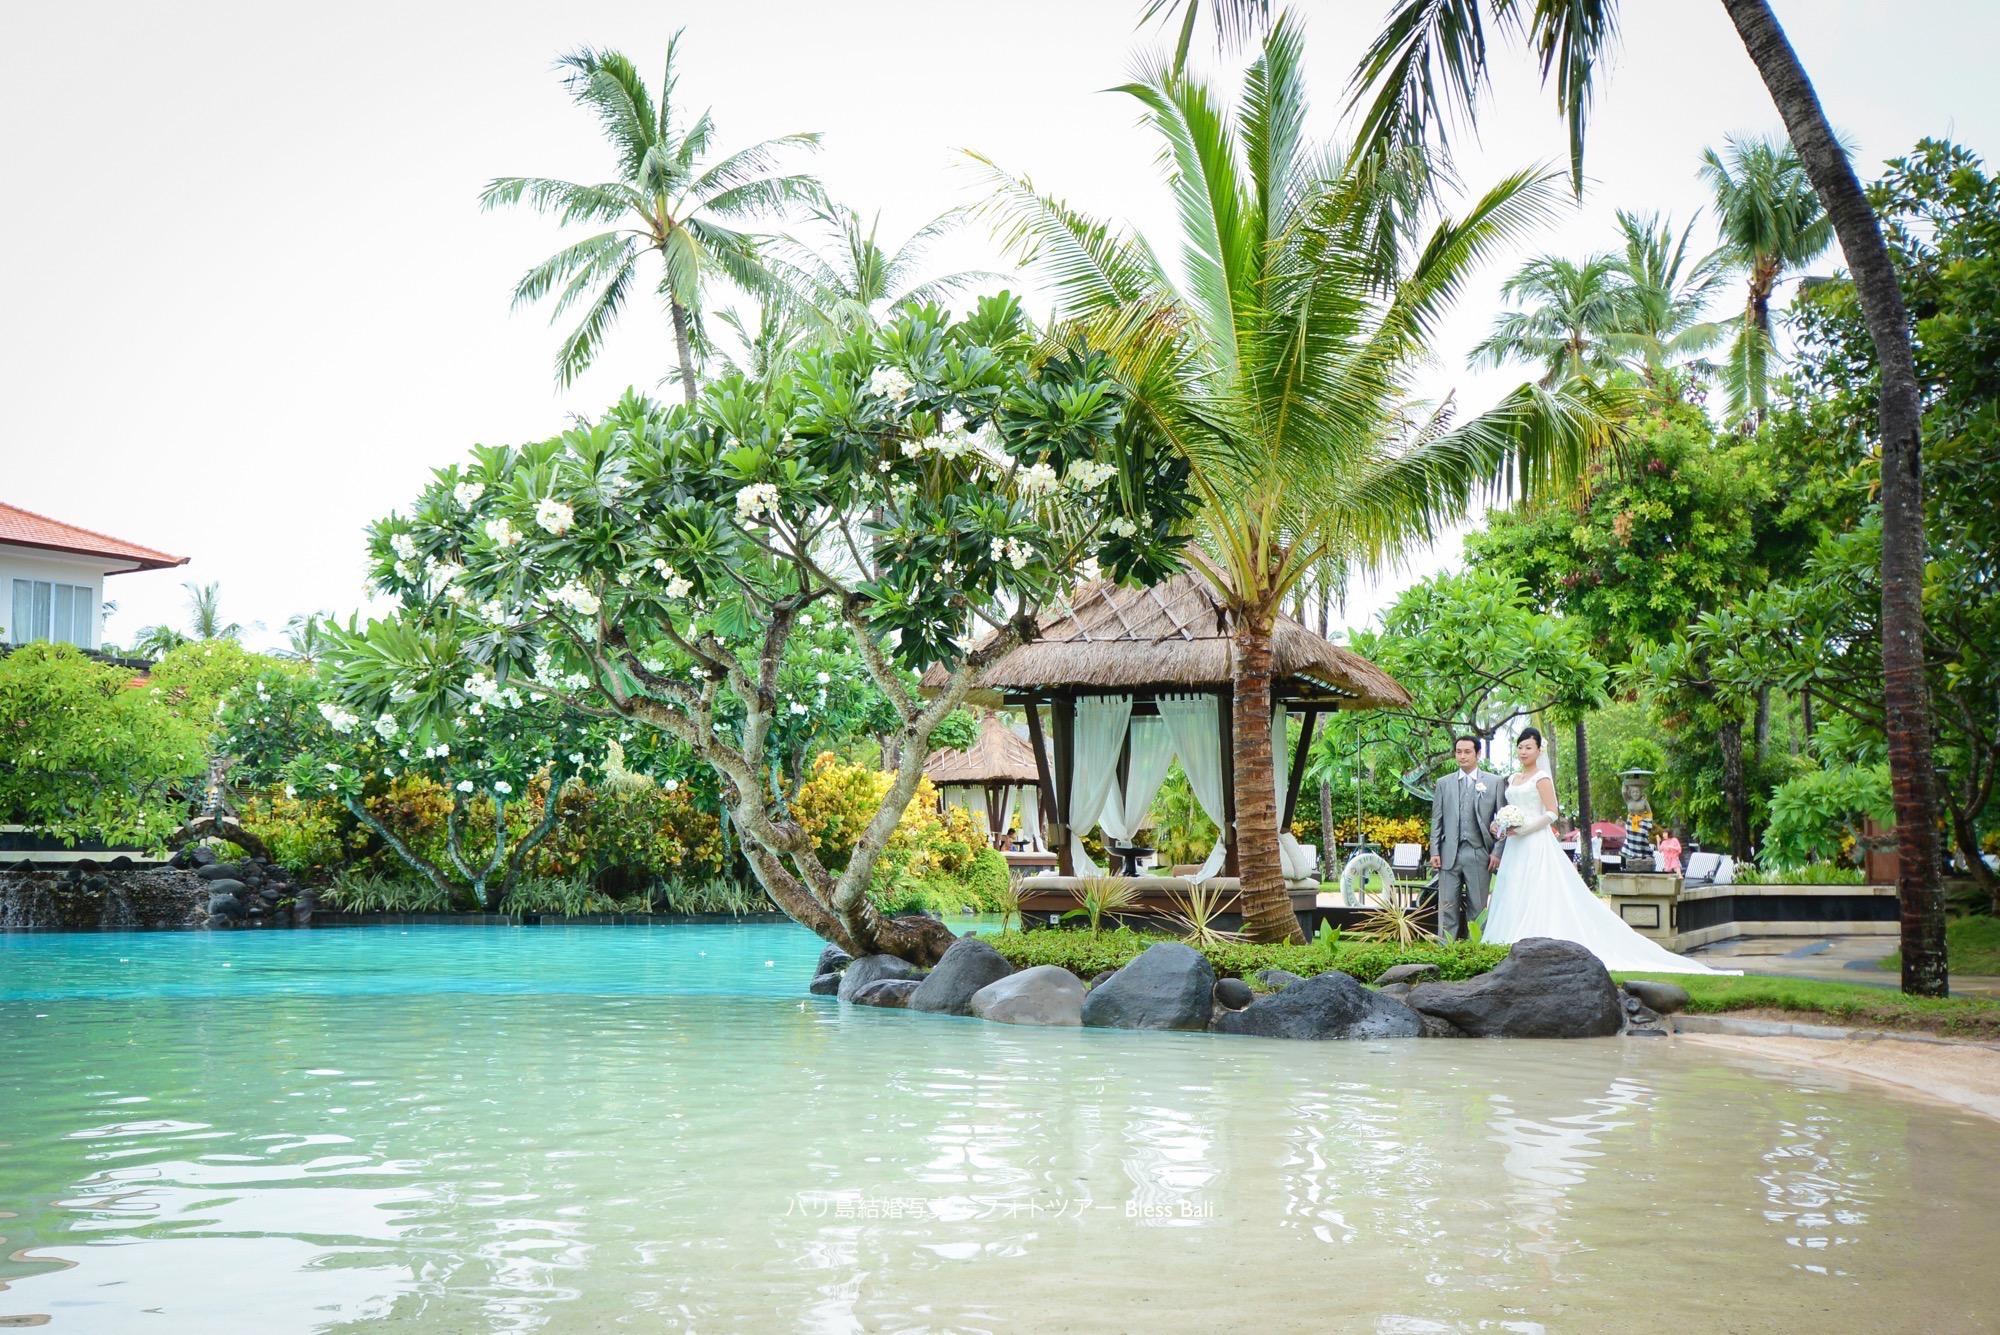 バリ島ザ・ラグーナ・ホテルでフォトツアー